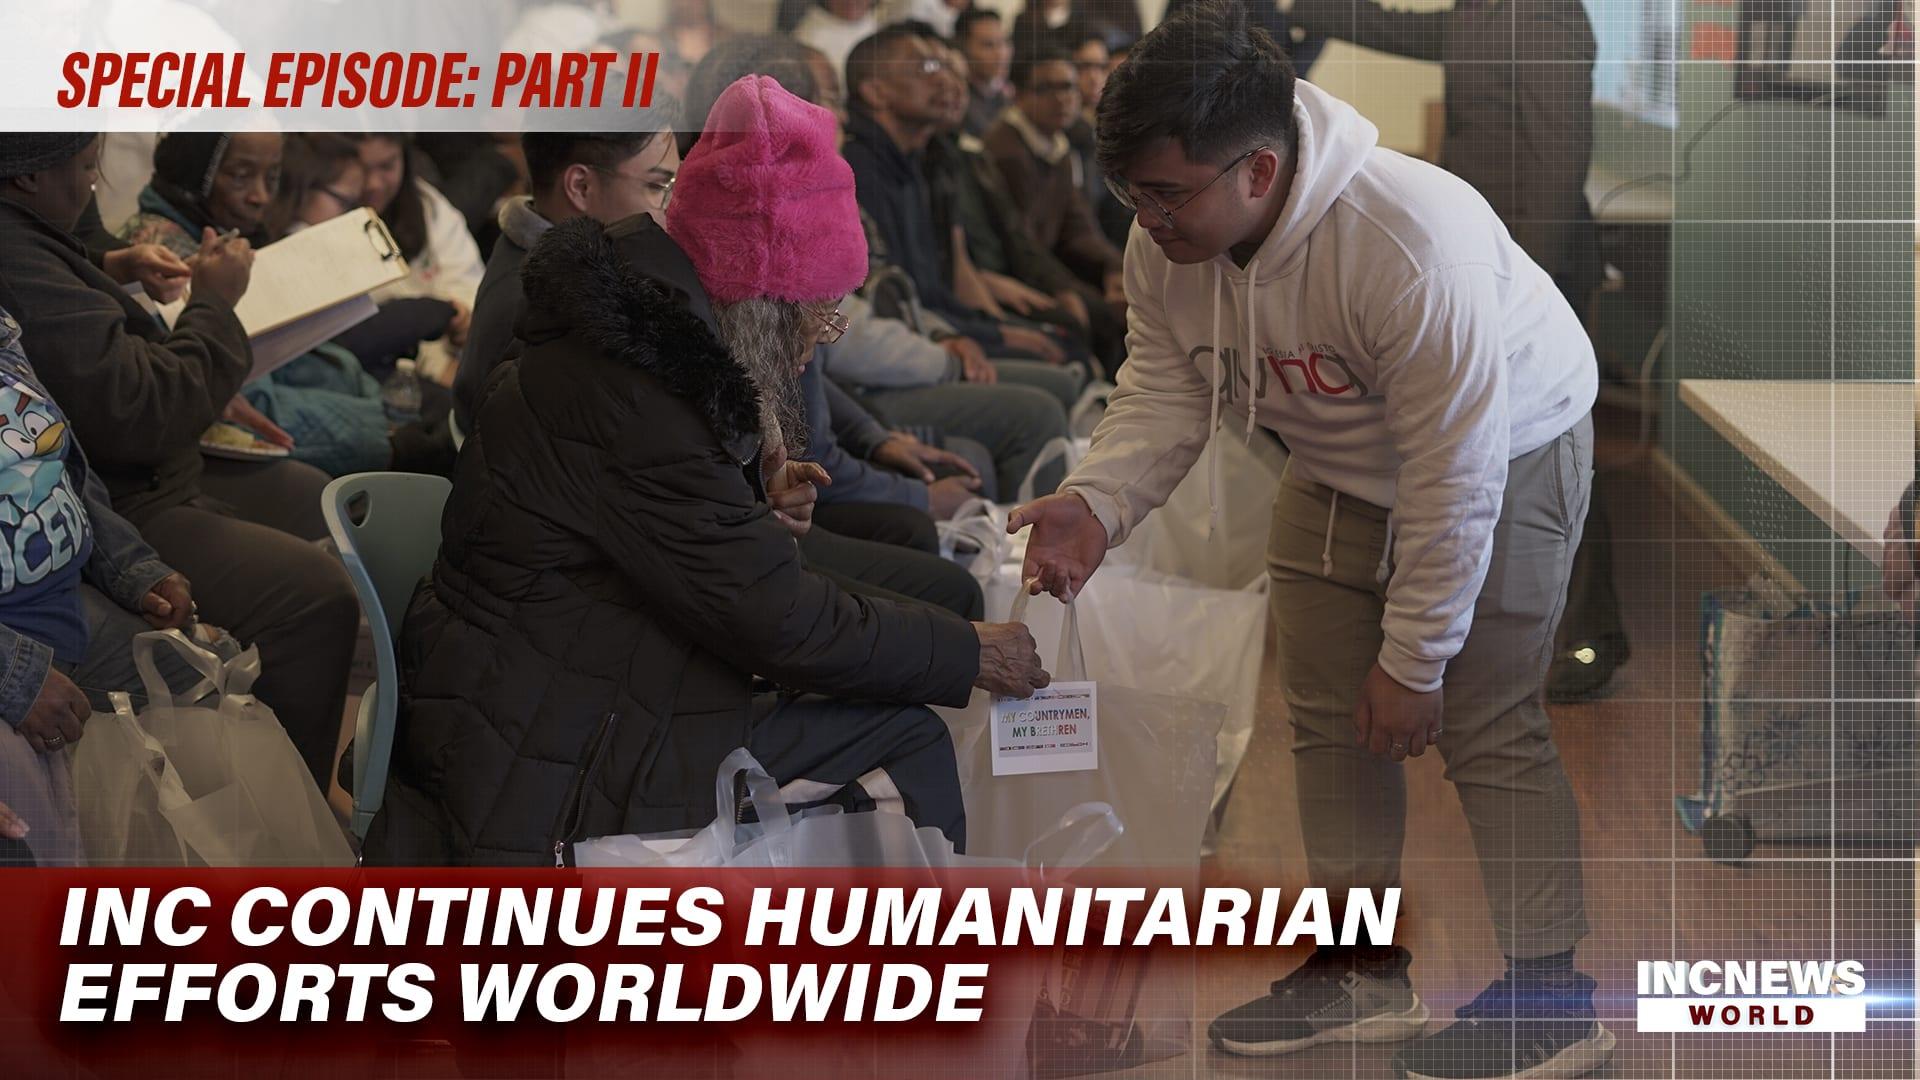 INC Continues Humanitarian Efforts Worldwide